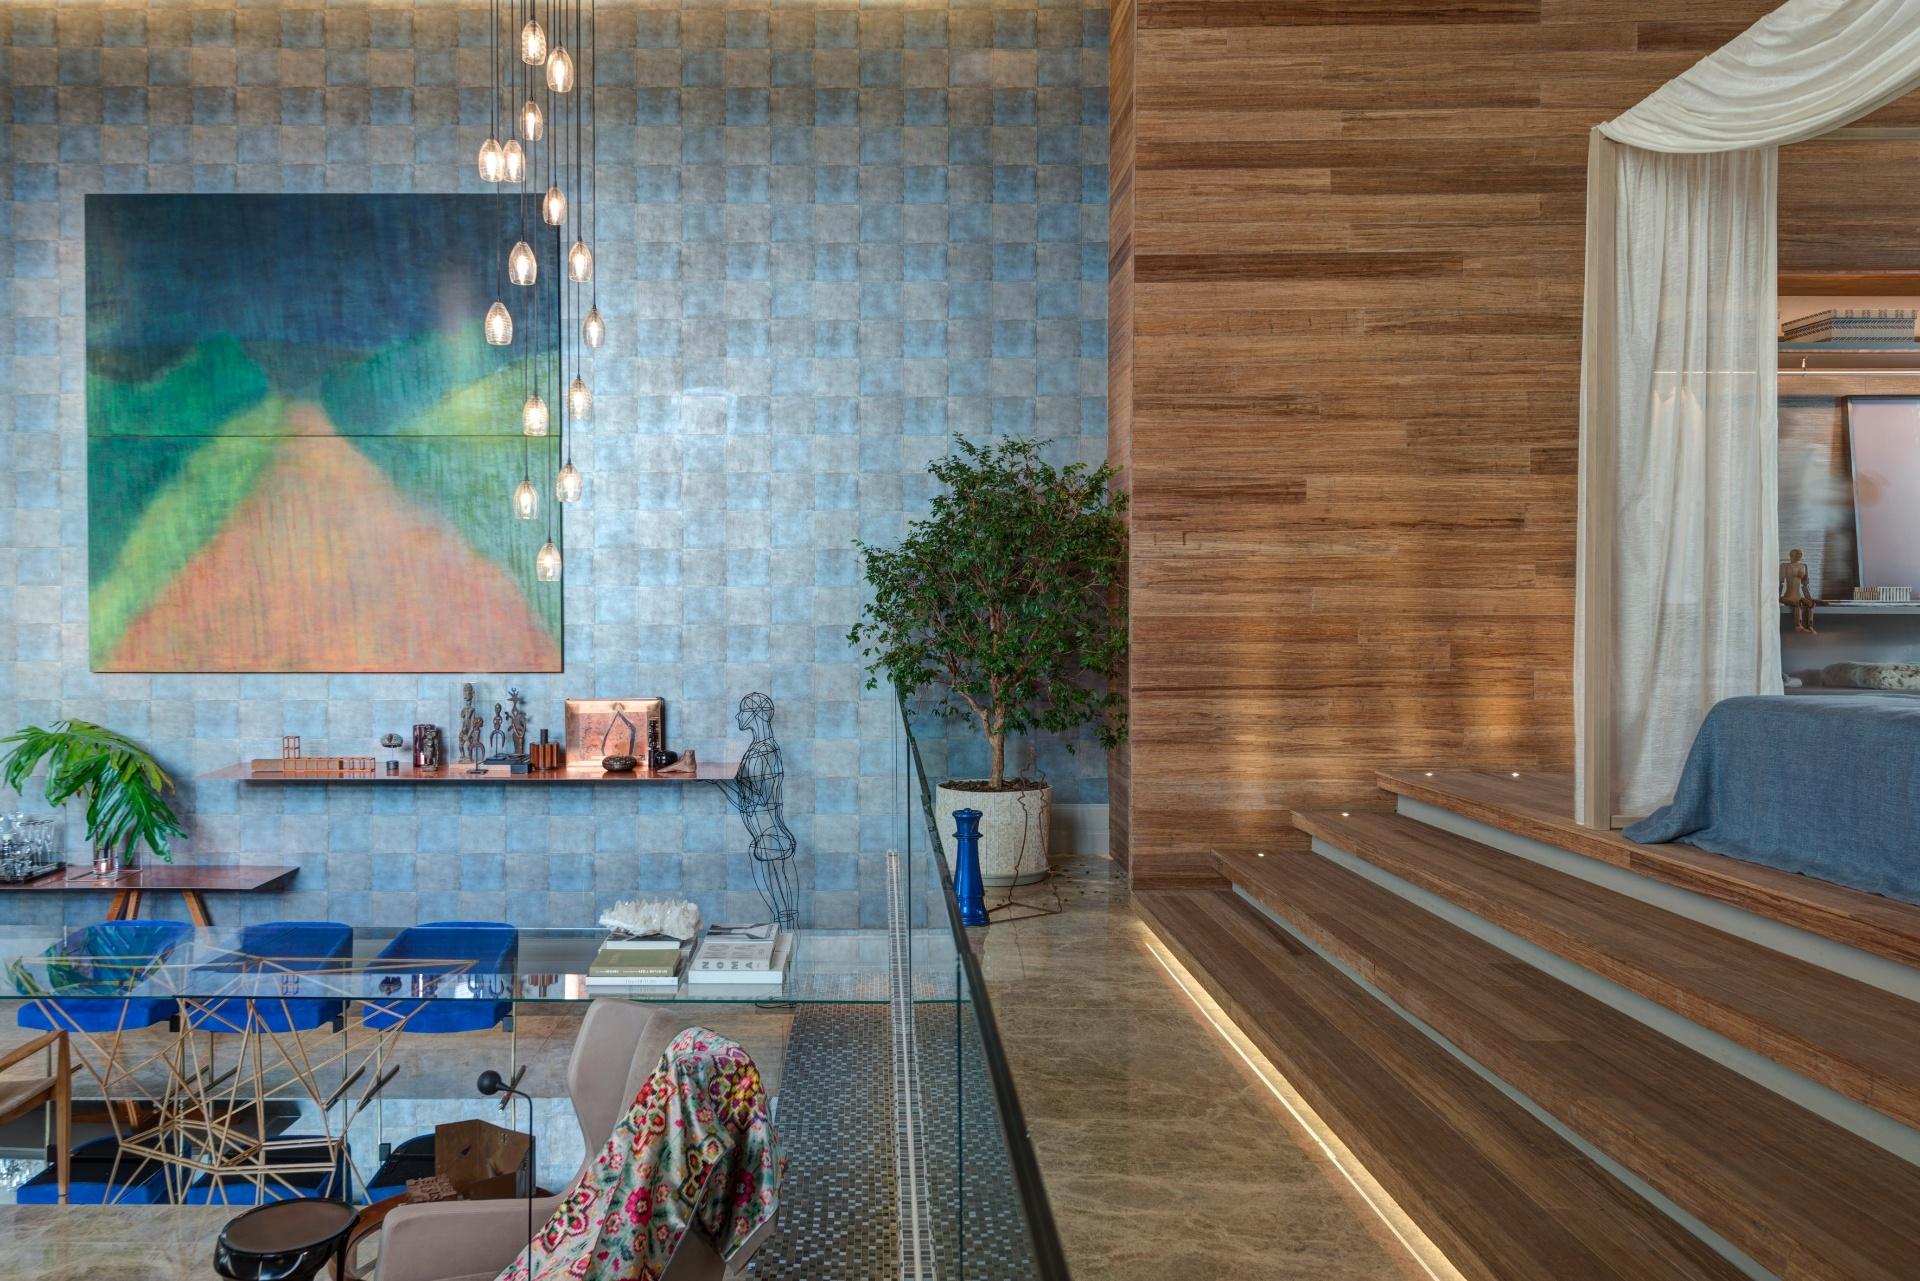 Próxima ao quarto com piso e paredes revestidos de bambu, a sala de jantar do loft Casa³, projetado por Denise Barretto, é marcada pelo acabamento quadriculado, em tonalidades de azul e cinza, que cobre toda a extensão da parede. A 28ª edição da Casa Cor SP apresenta 79 ambientes até dia 20 de julho de 2014, no Jockey Club de São Paulo, na Av. Lineu de Paula Machado, 1173. Outras informações: www.casacor.com.br